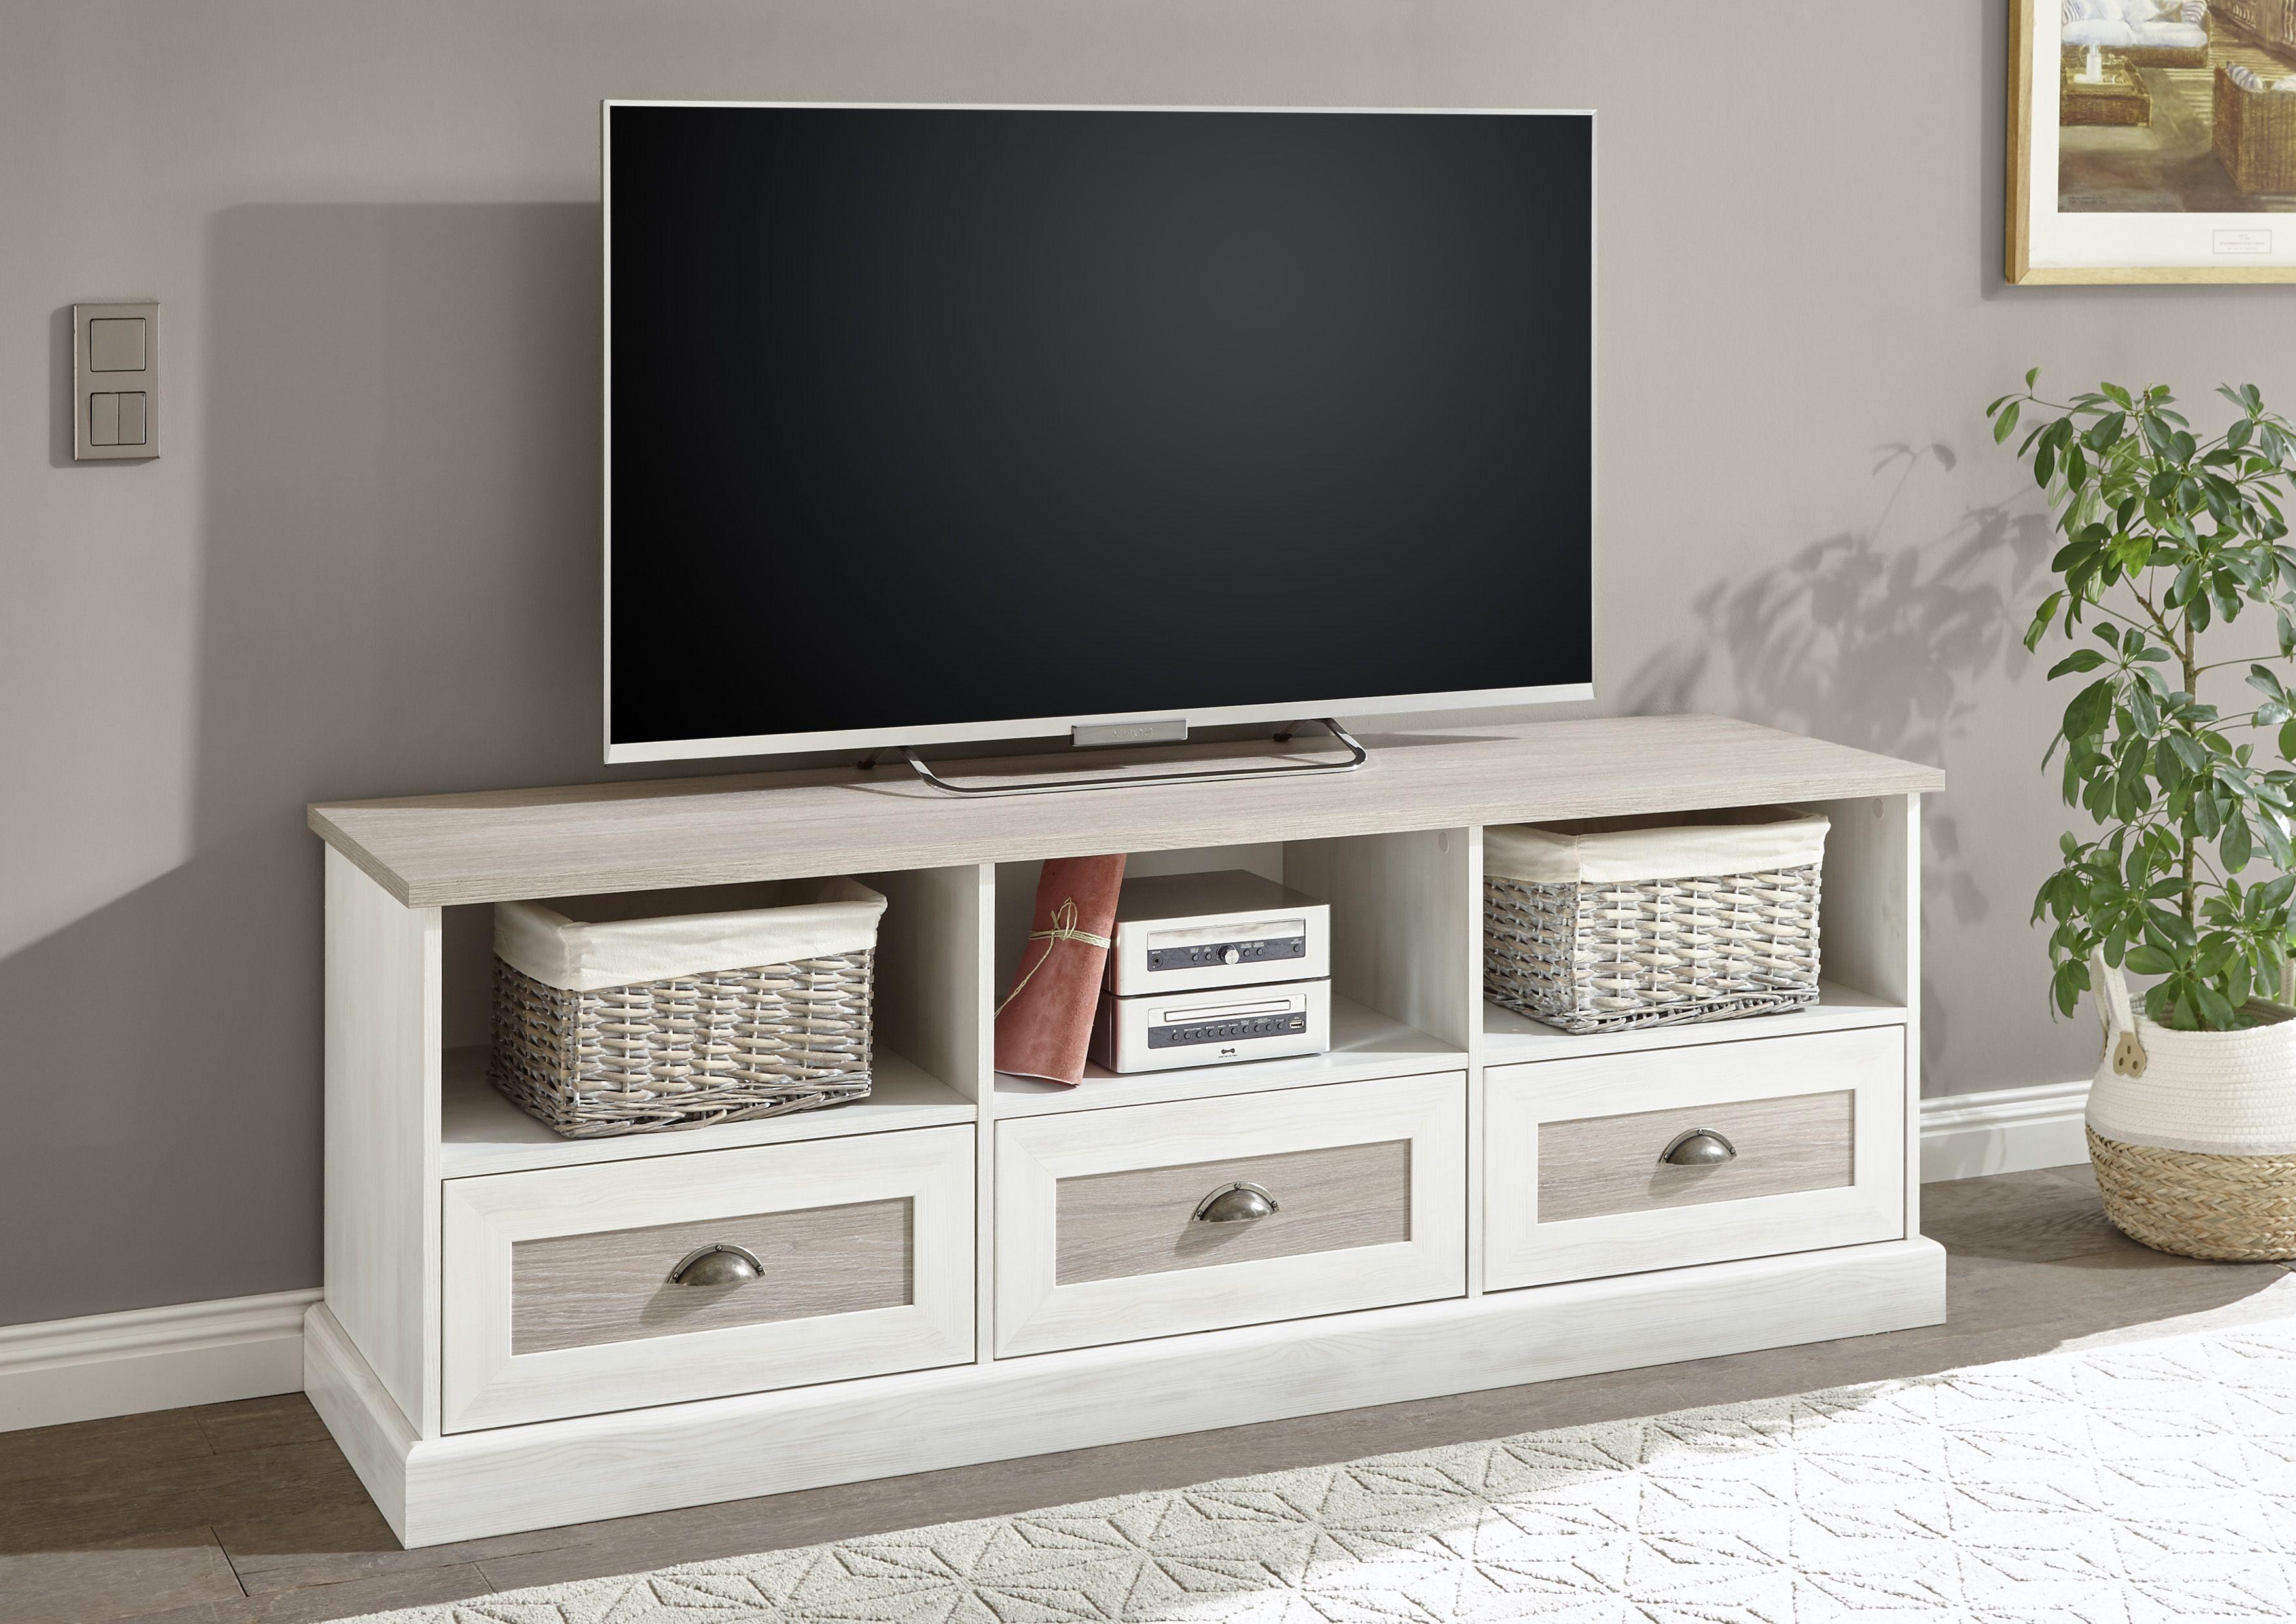 Tv Lowboard Denver Haus Lowboard Möbel Fürs Wohnzimmer